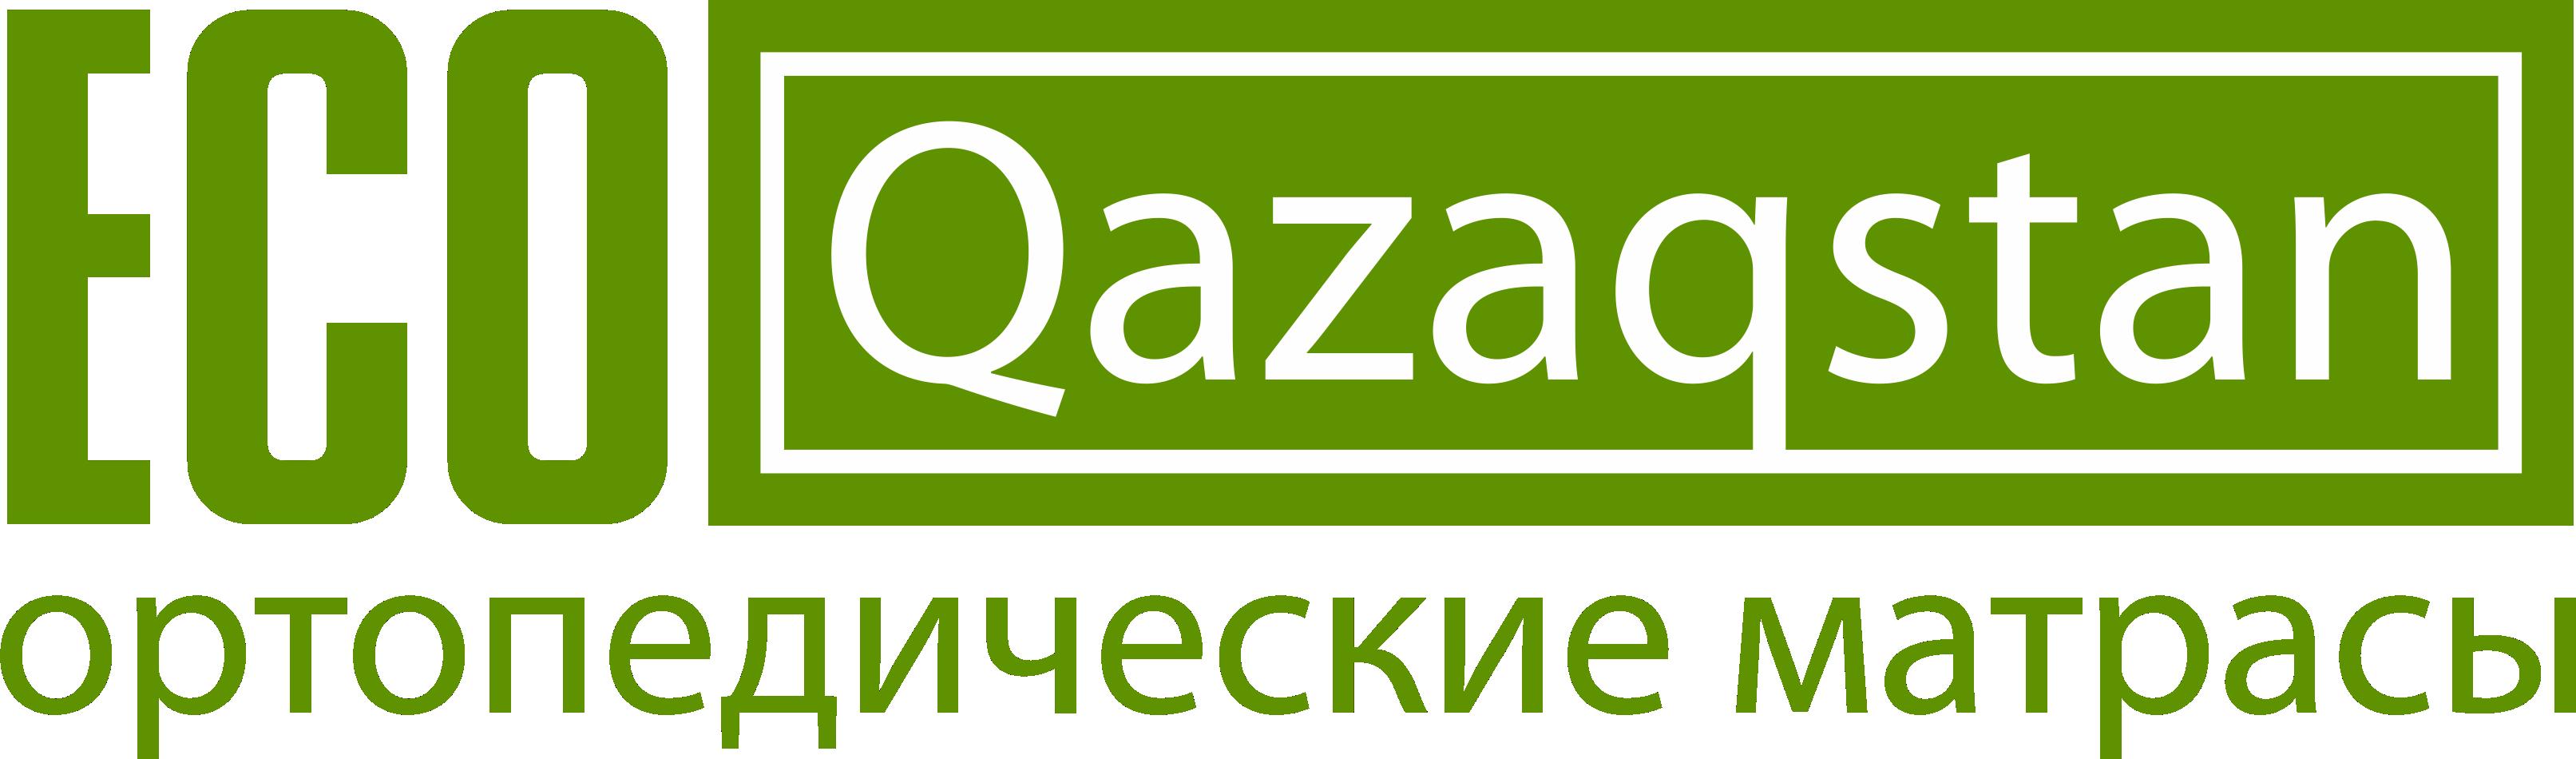 Эко Казахстан